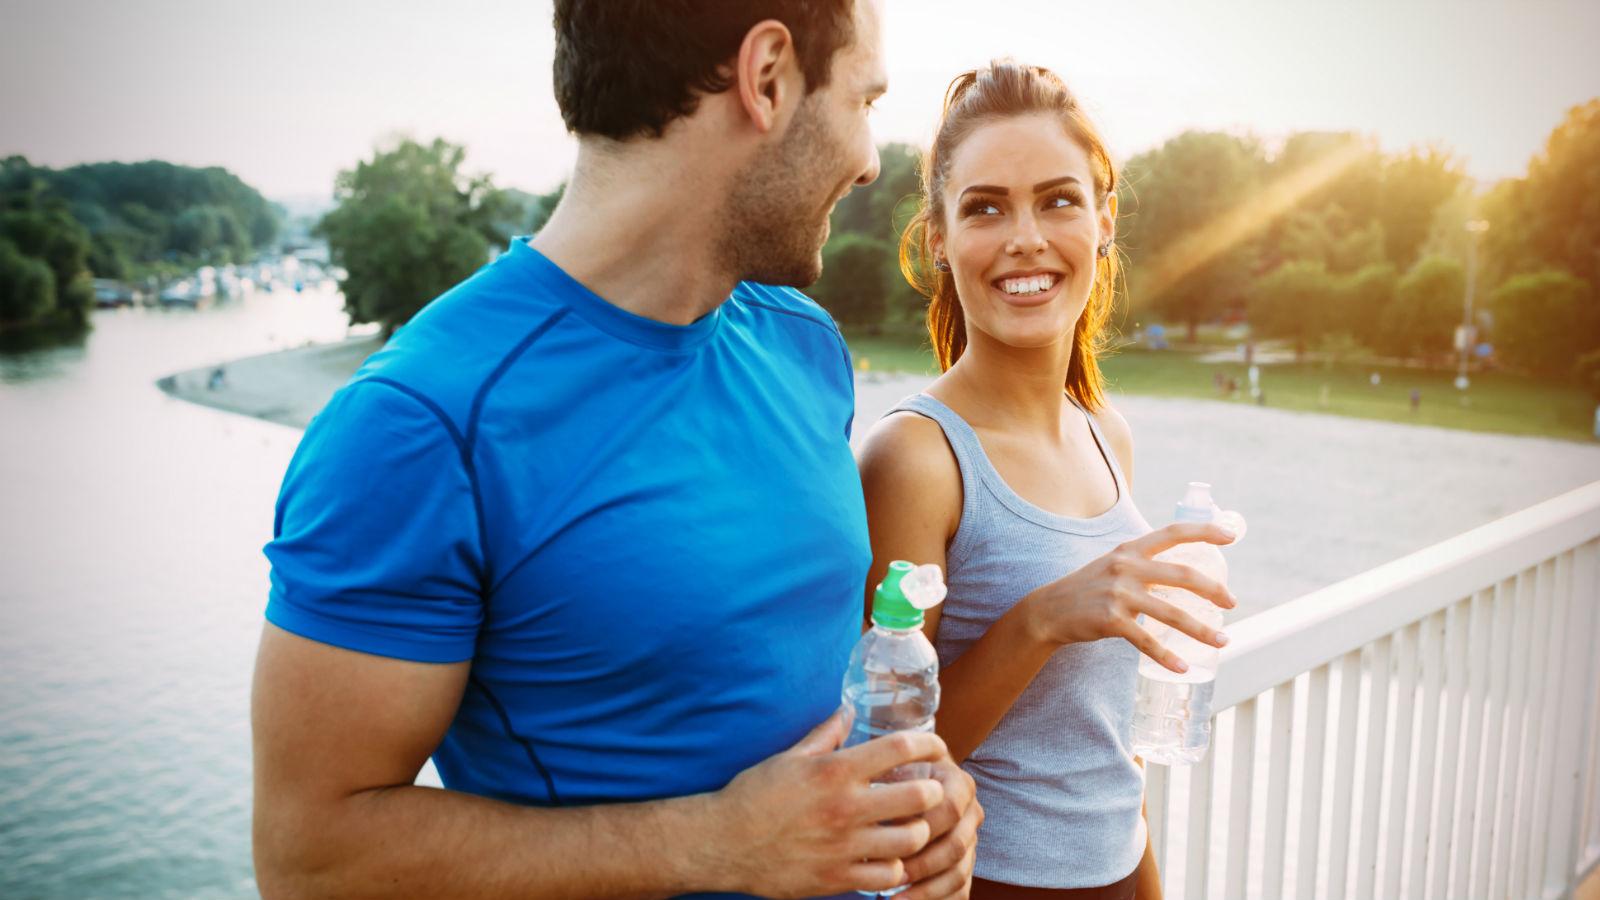 El ejercicio: un programa para estar en forma el resto de tu vida